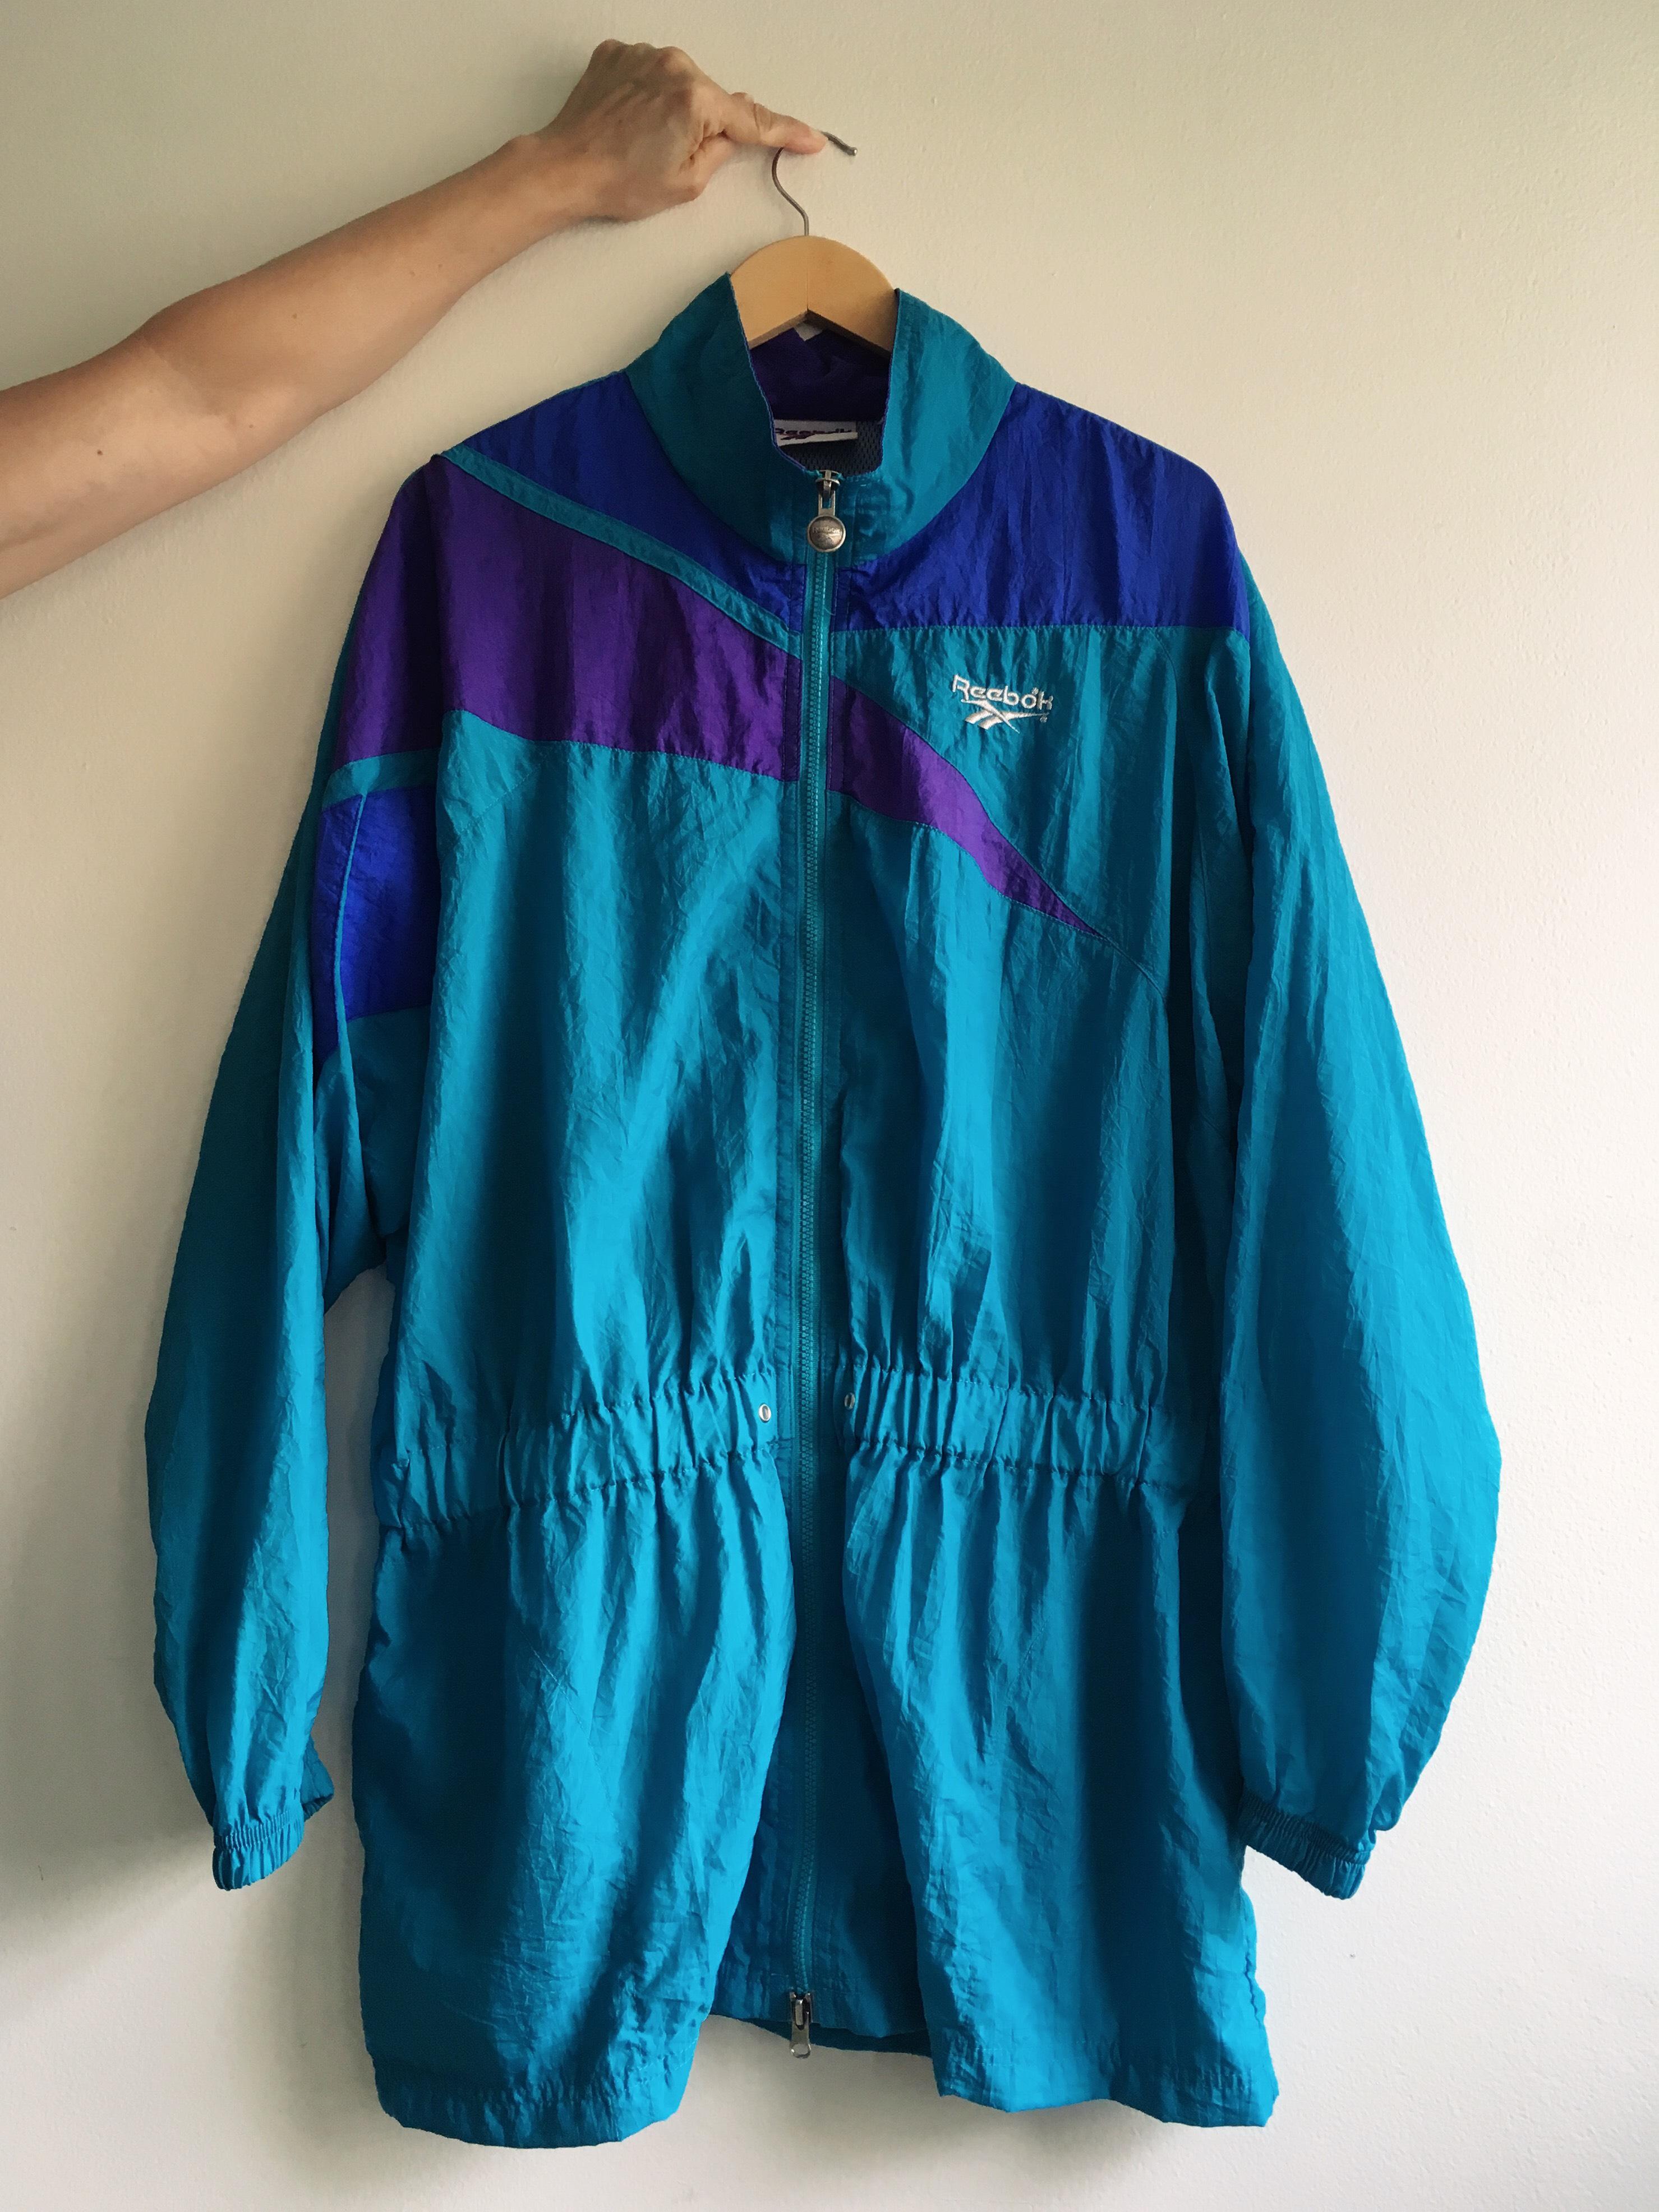 c08340ee43673 Vintage Reebok Jacket / Windbreaker